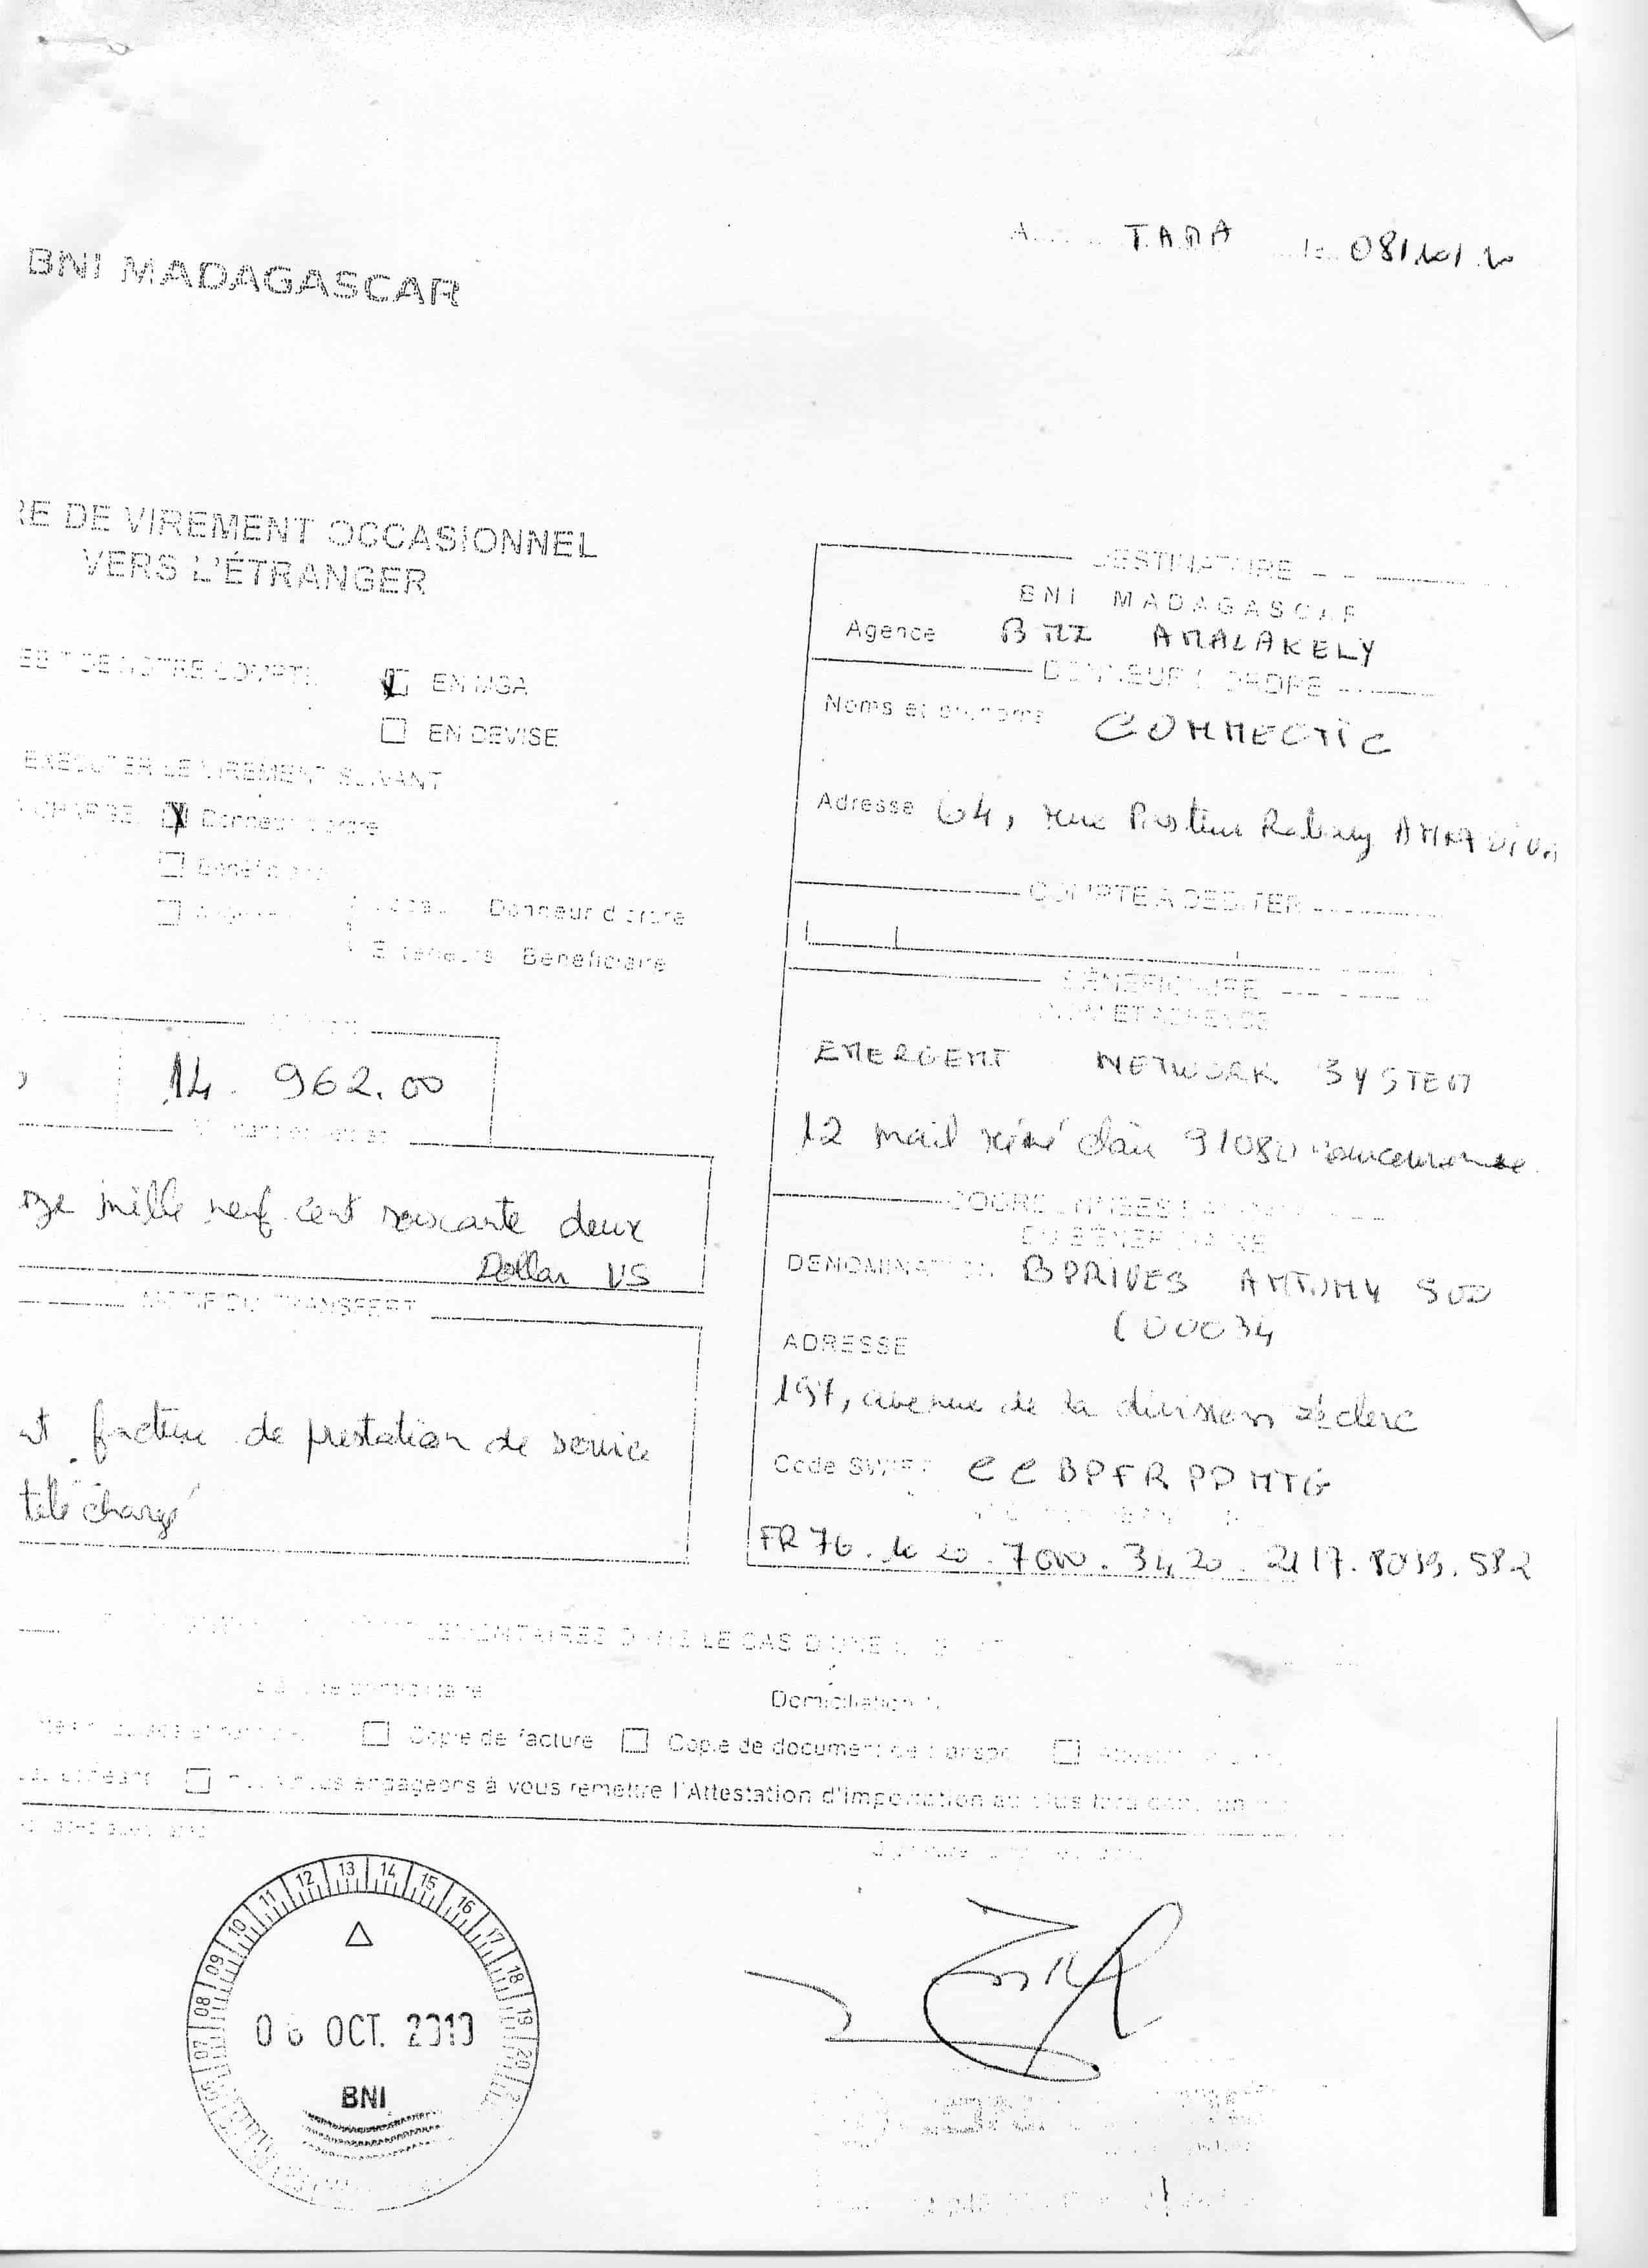 2010, RANARISON Tsilavo NEXTHOPE a signé tous avis de virement de CONNECTIC vers sa maison mère EMERGENT